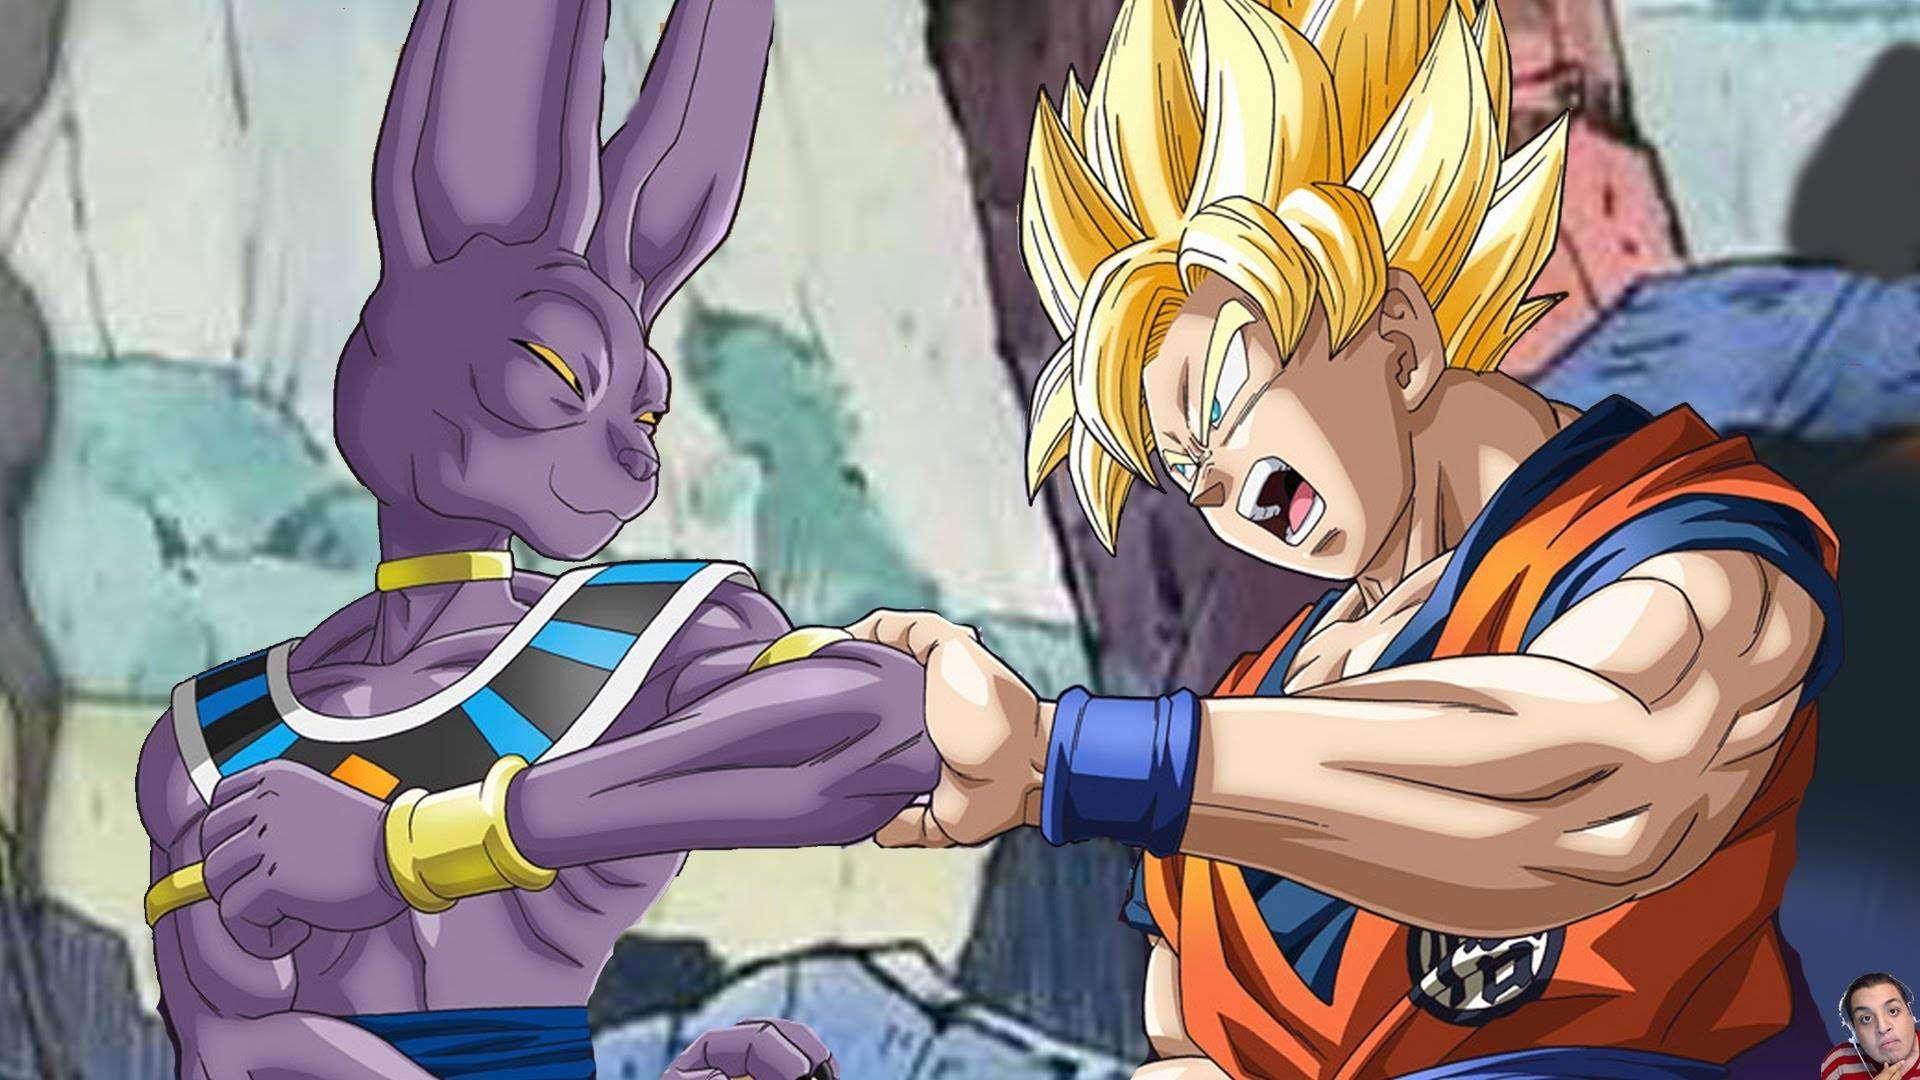 Bảy Viên Ngọc Rồng: Cuộc Chiến Giữa Các Vị Thần, Dragon Ball Z: